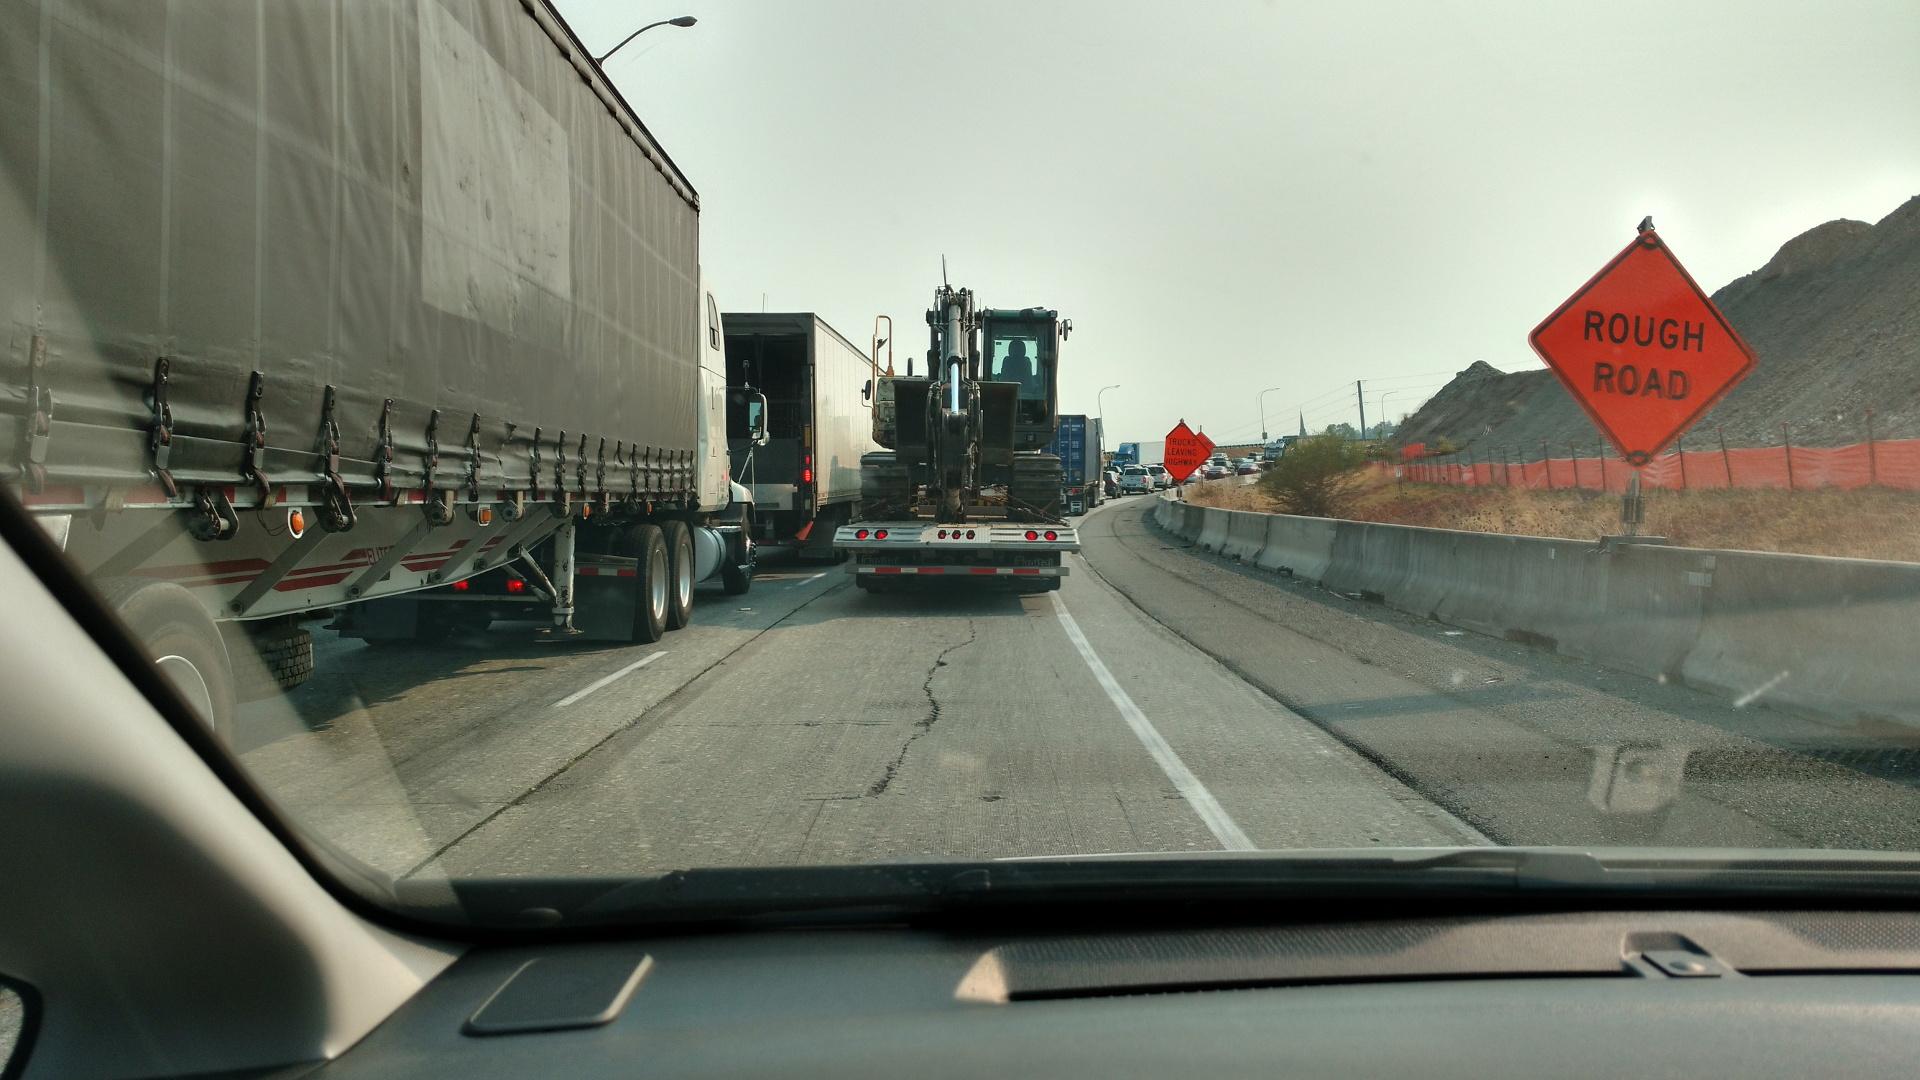 工事の渋滞かと思ったら事故でした